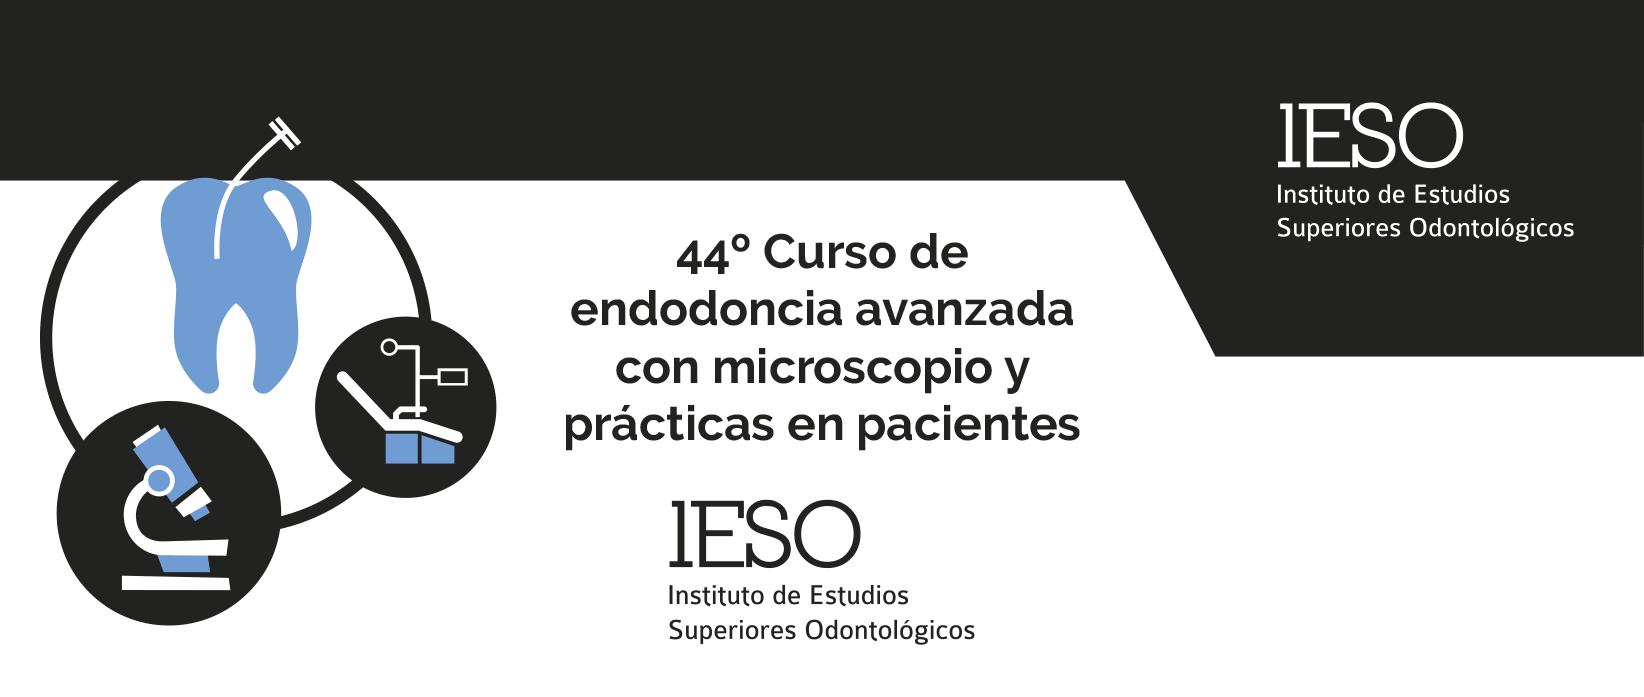 44º Curso de endodoncia avanzada con microscopio y prácticas en pacientes del Instituto IESO